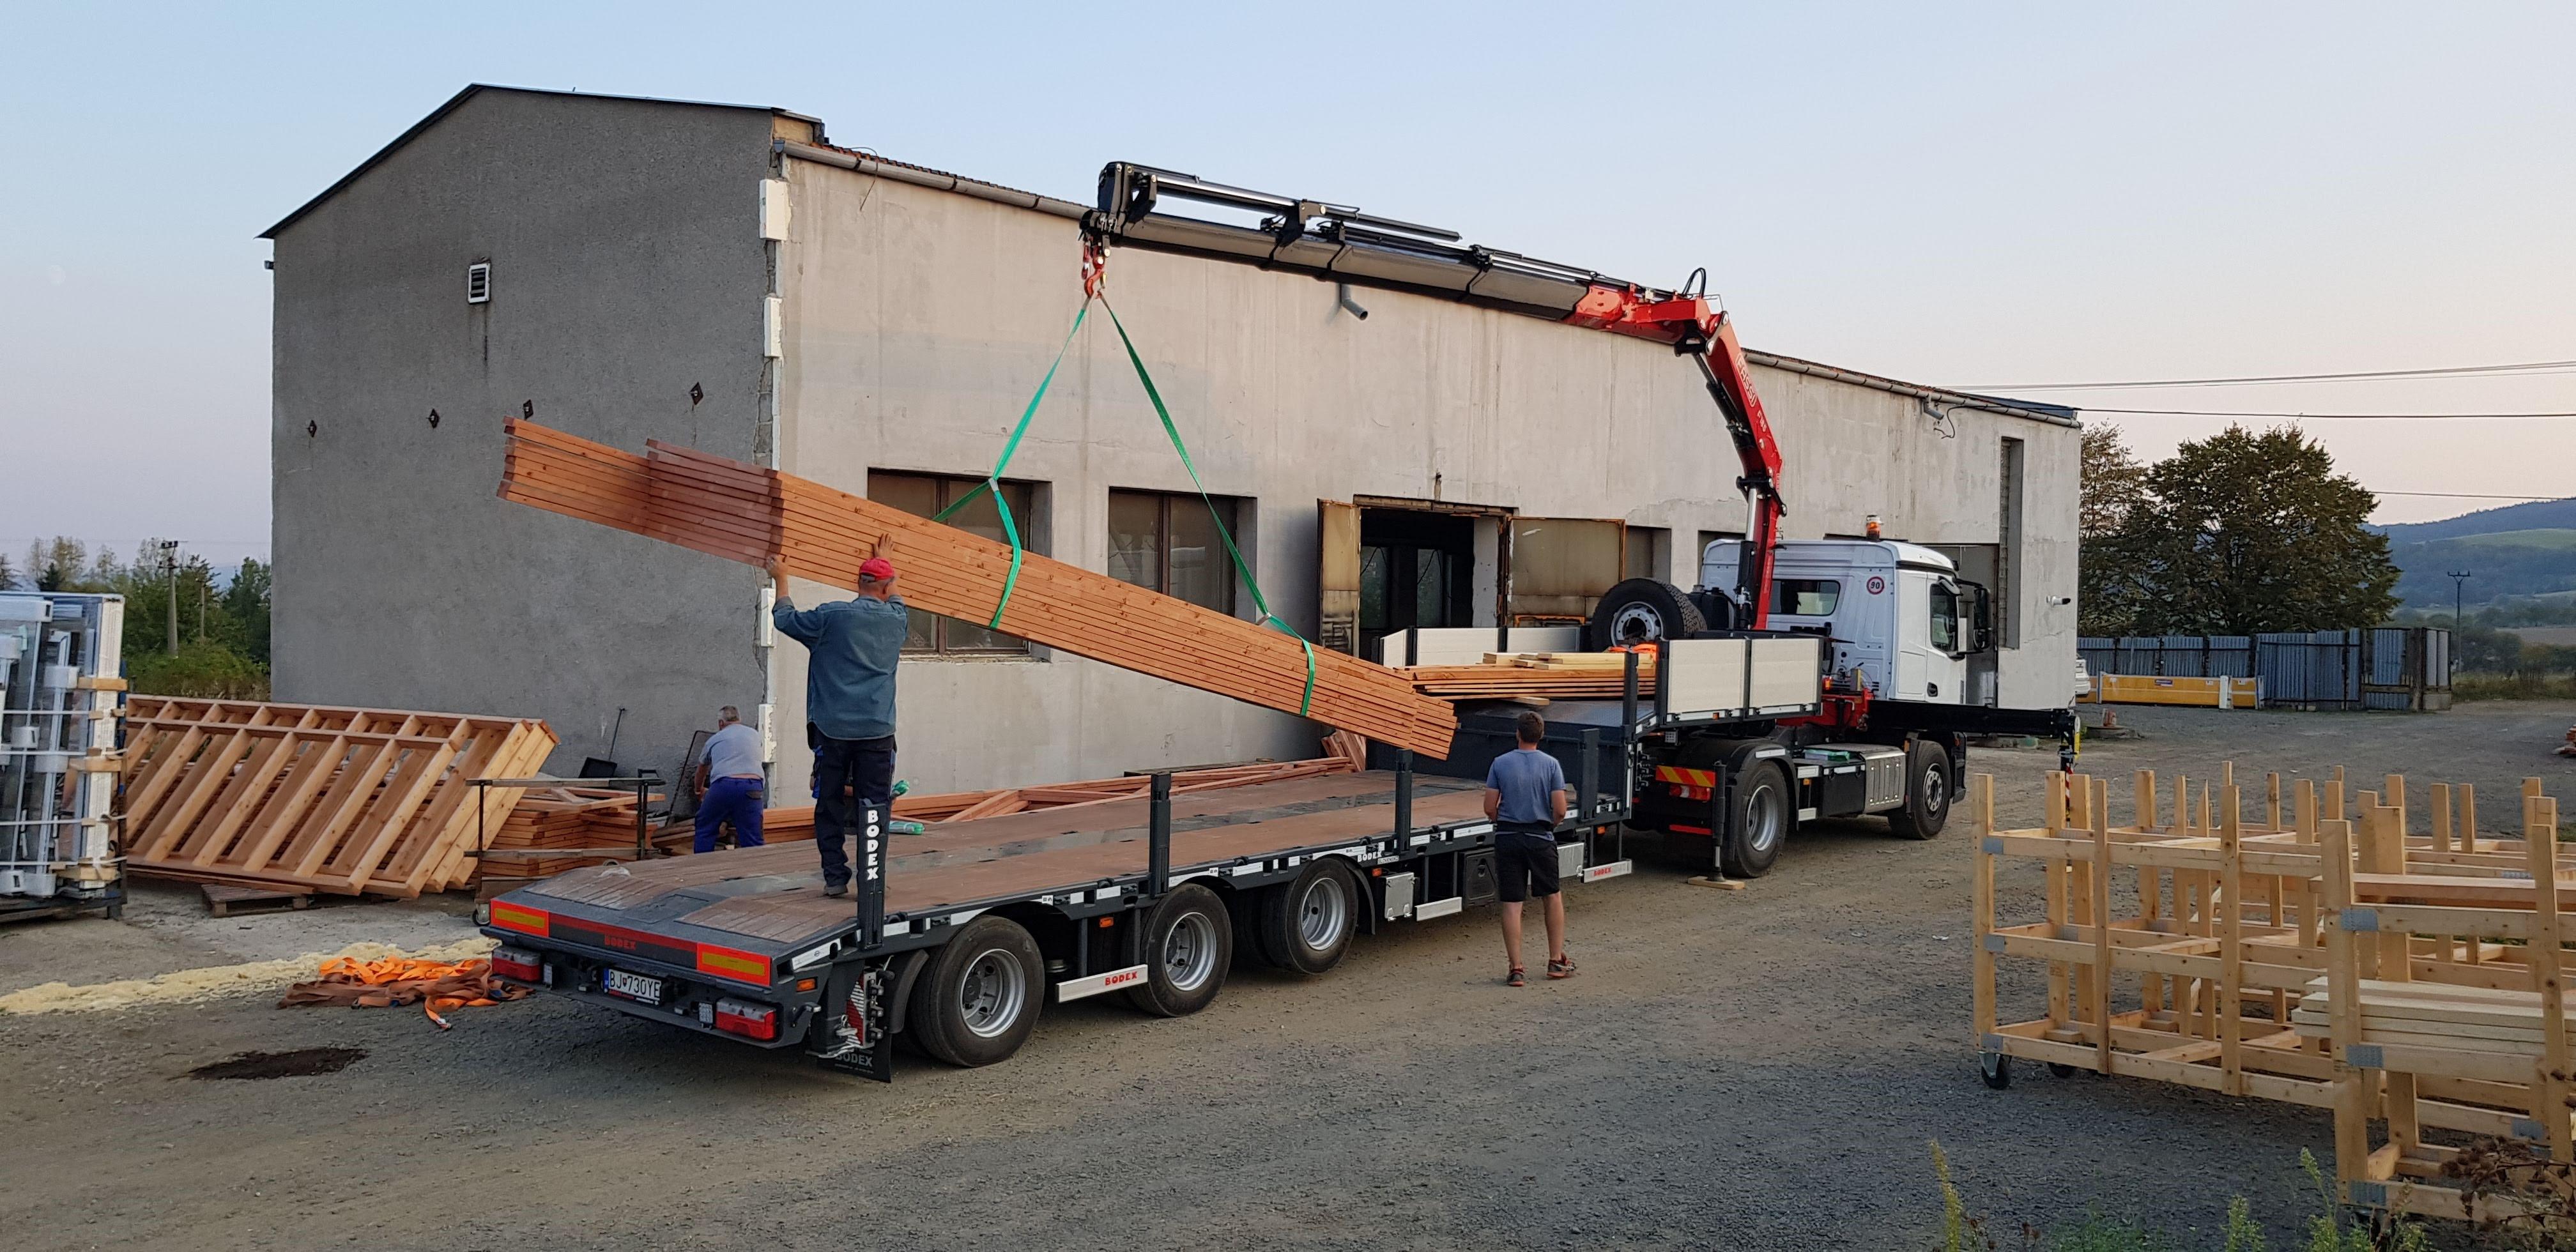 priehradove-vazniky-autodoprava-s-hydraulickou-rukou-tahac-strechy-5.jpg